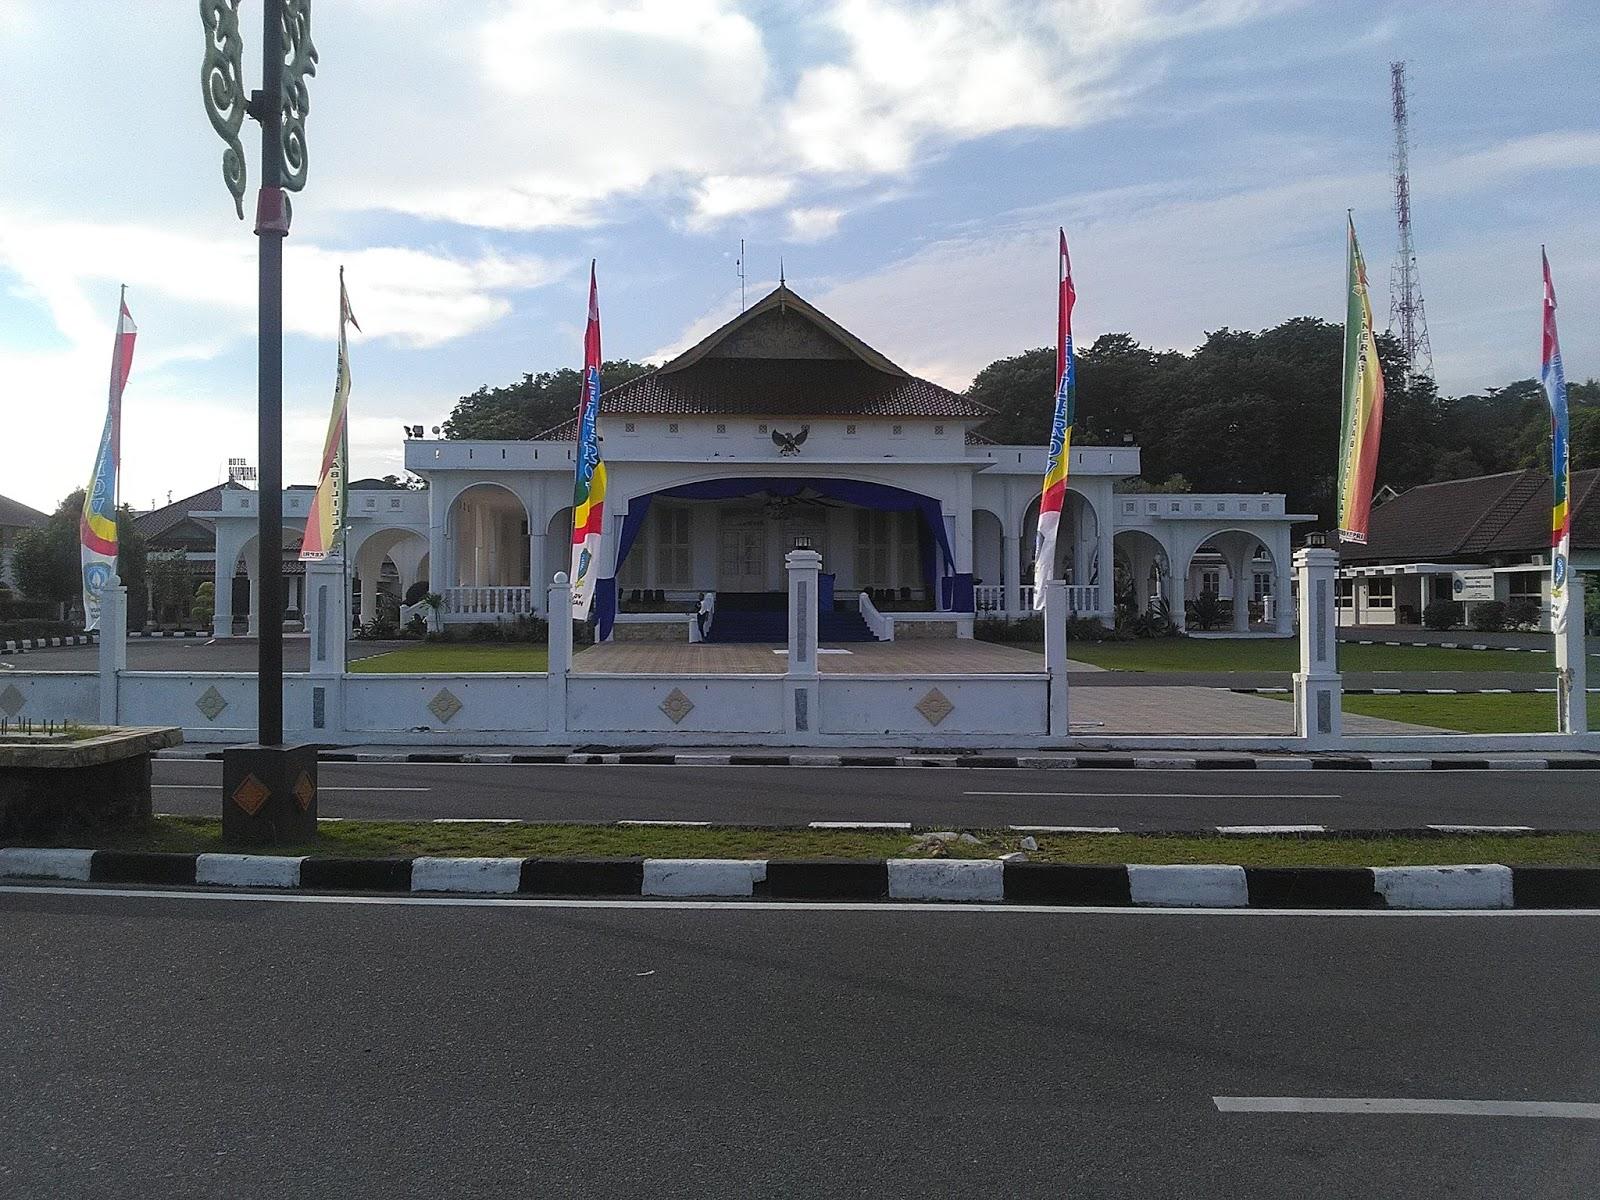 Hidup Inspirasi Jangan Bilang Tanjungpinang Gedung Daerah Sarat Sejarah Zaman